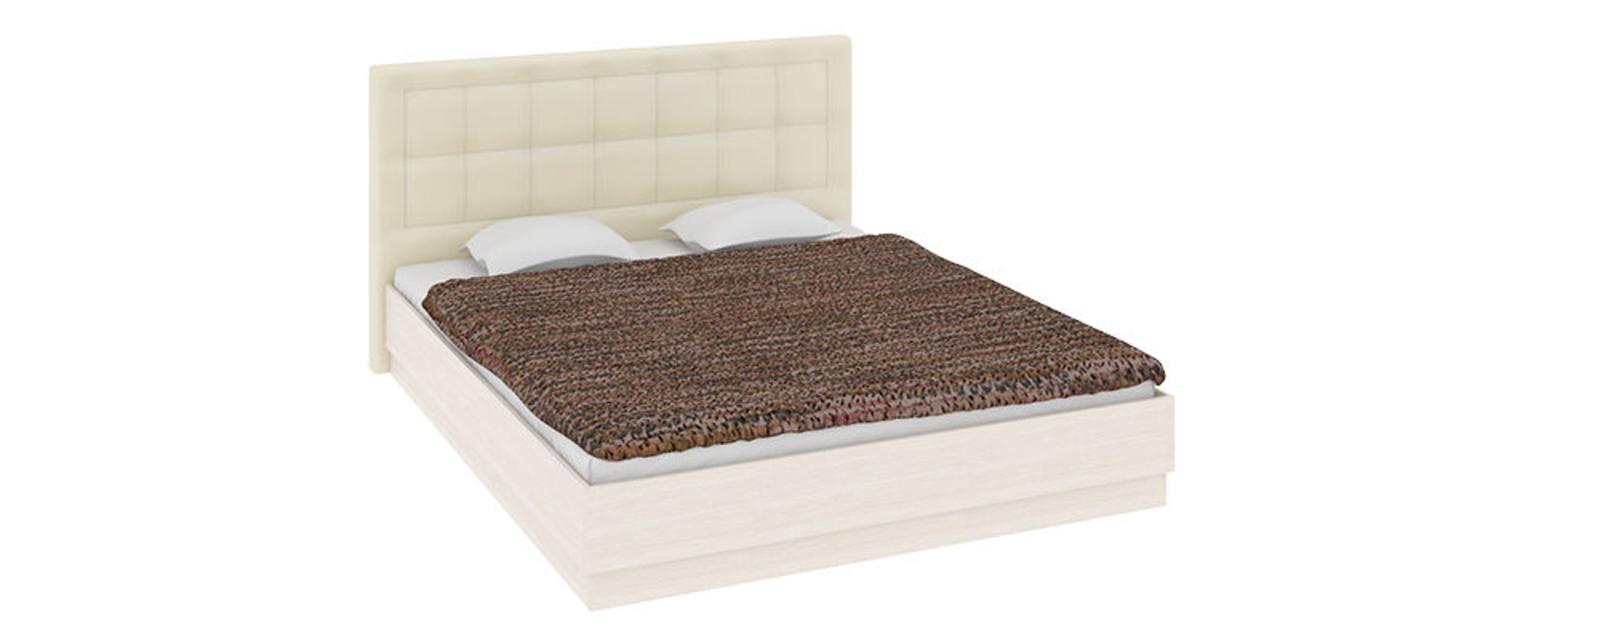 Кровать каркасная Дельта с подъемным механизмом (Бежевый)